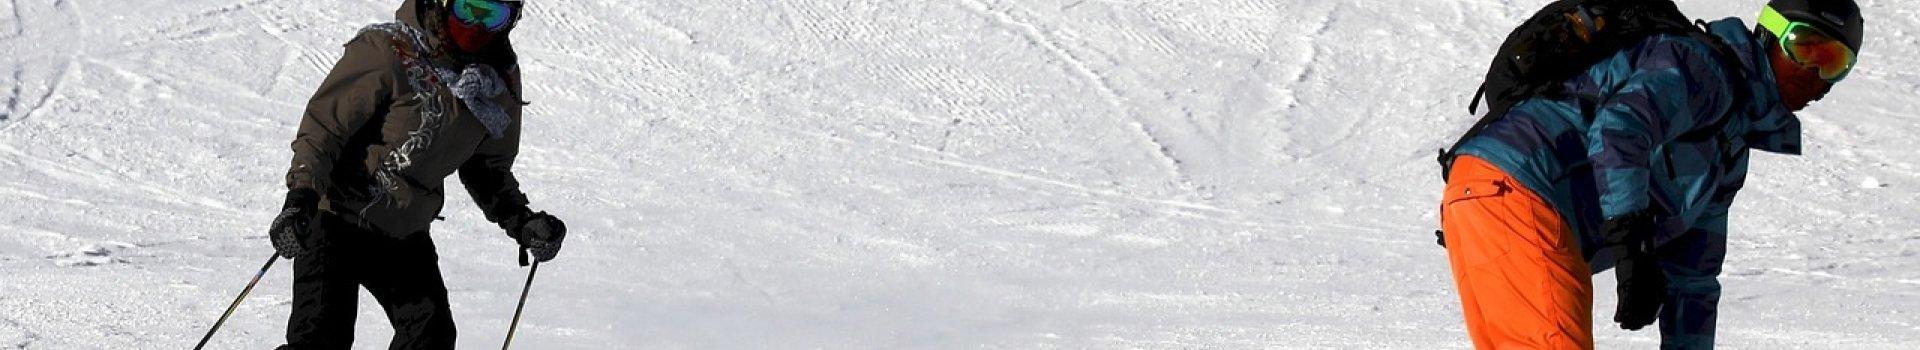 Różnice między kurtkami narciarskimi a snowboardowymi